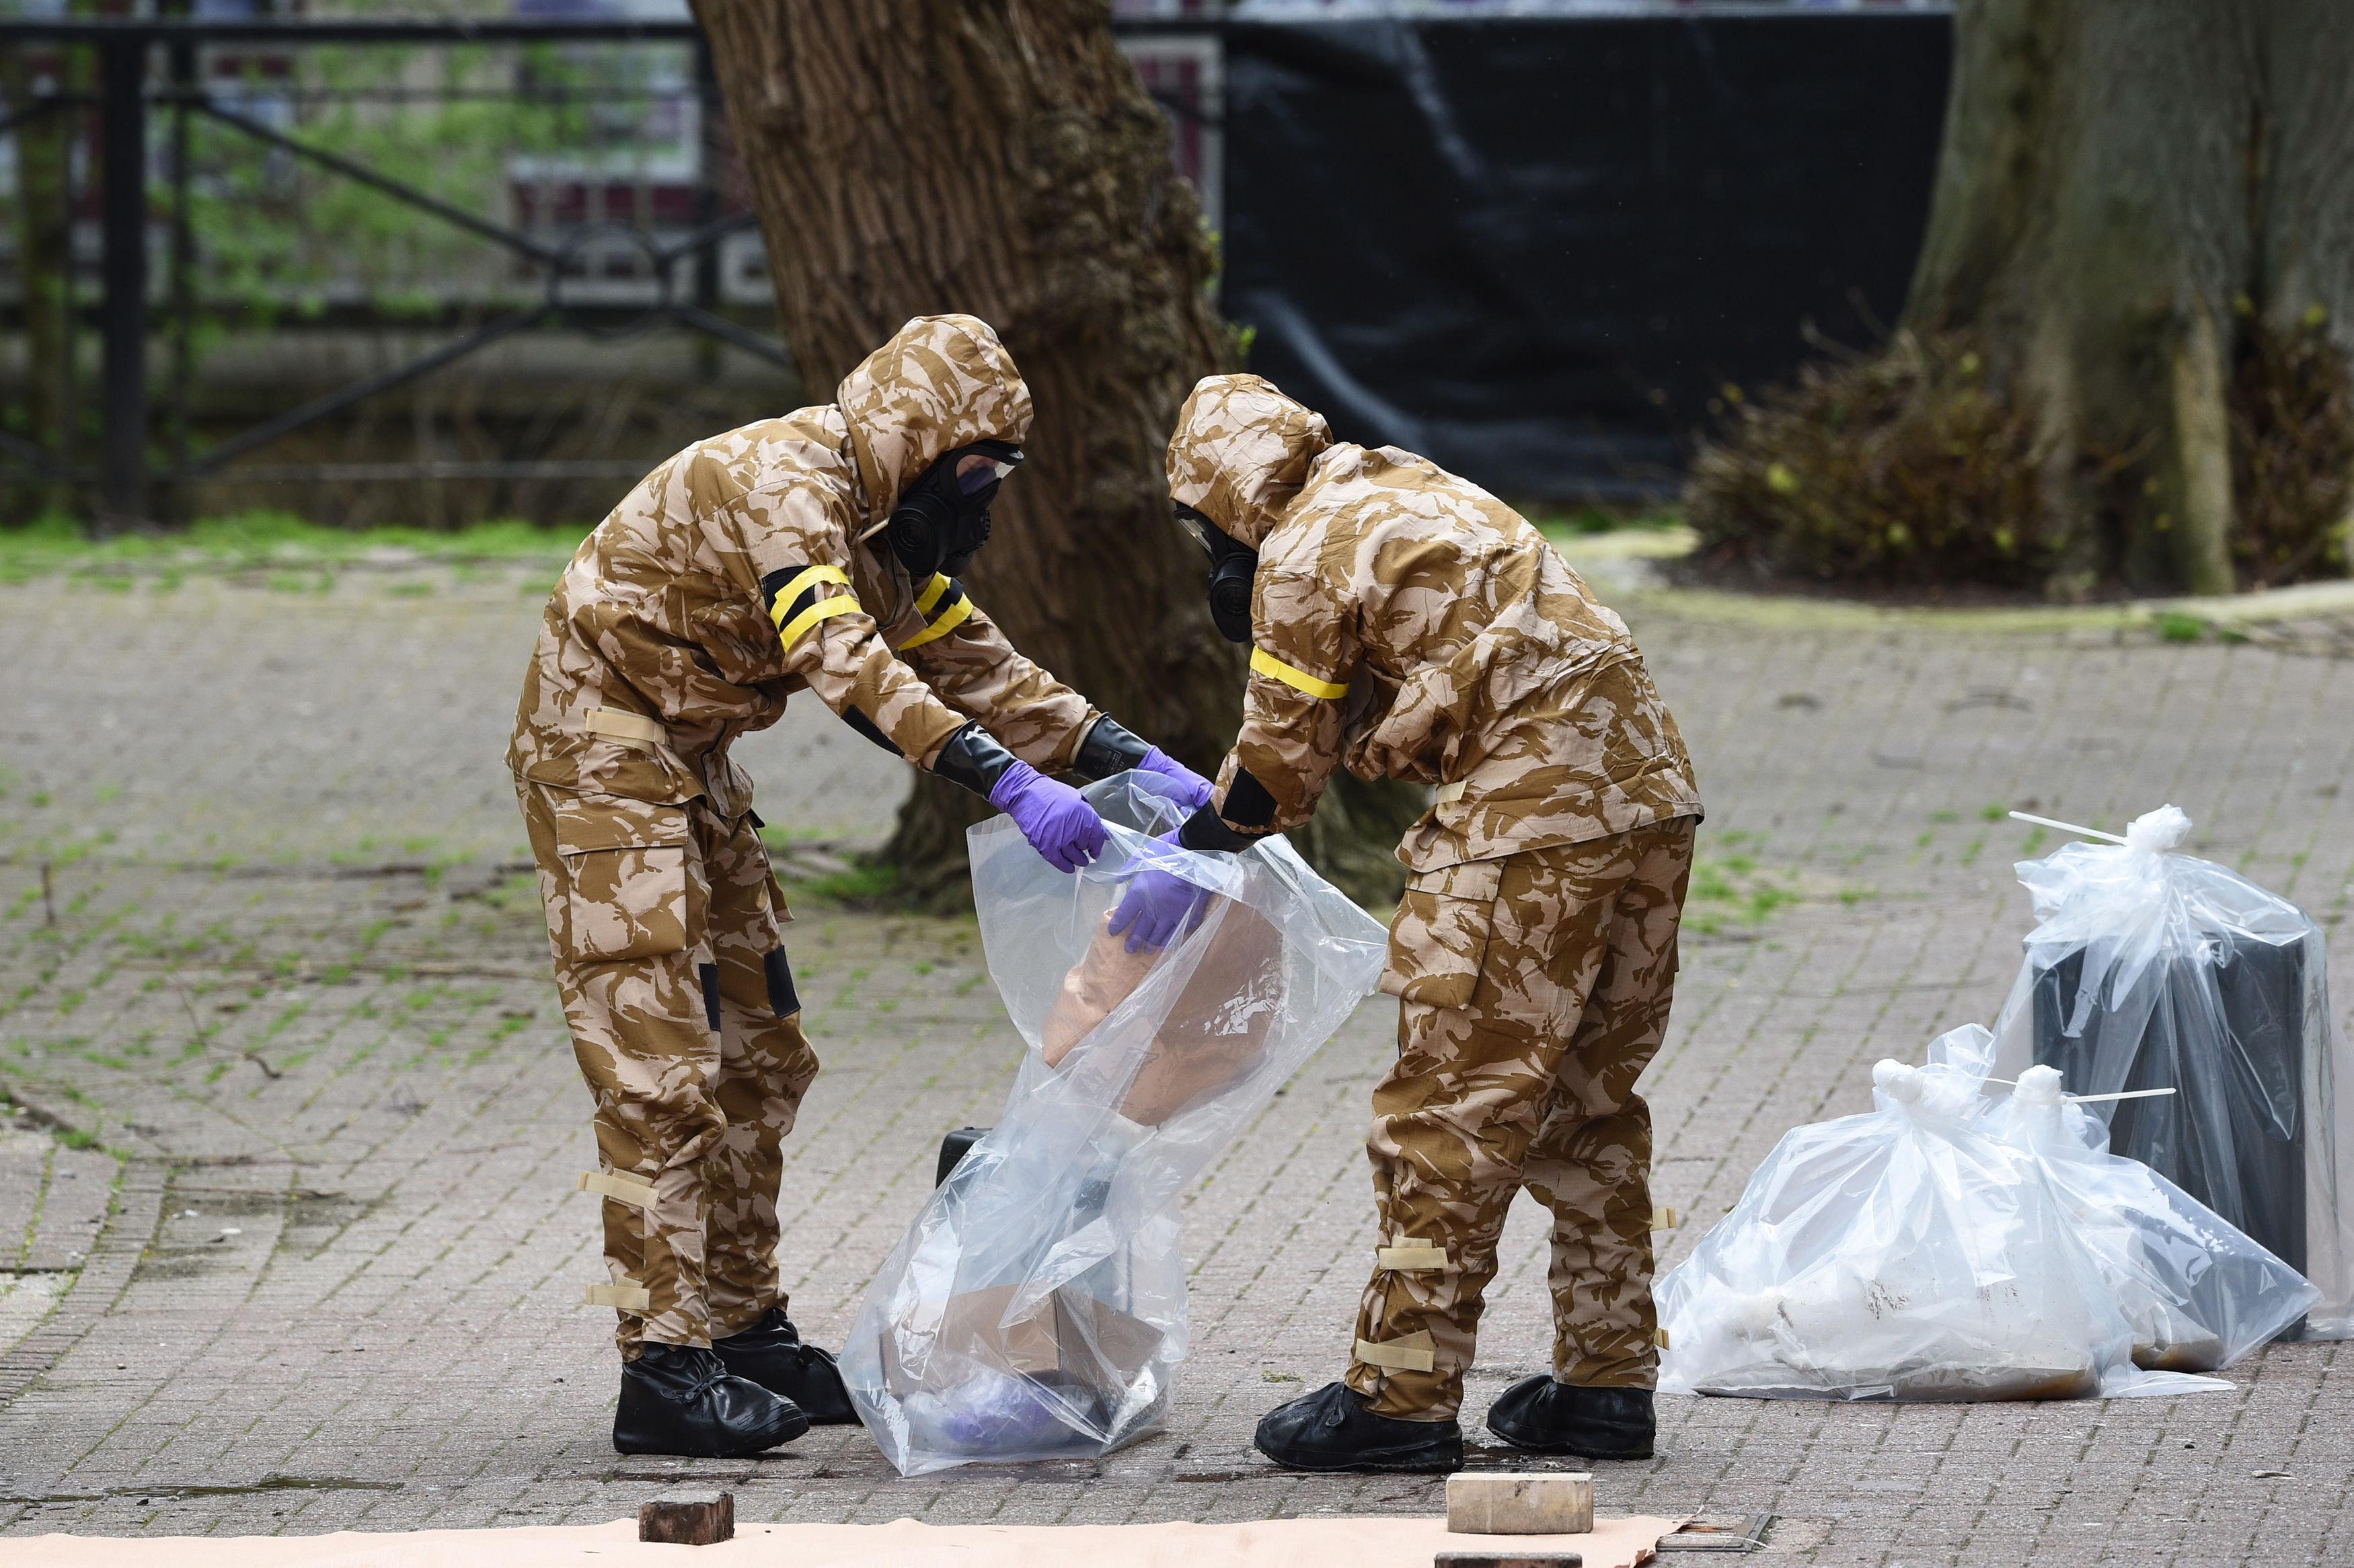 Βρετανία: Ο πρώην διπλός κατάσκοπος Σεργκέι Σκριπάλ πήρε εξιτήριο από το νοσοκομείο